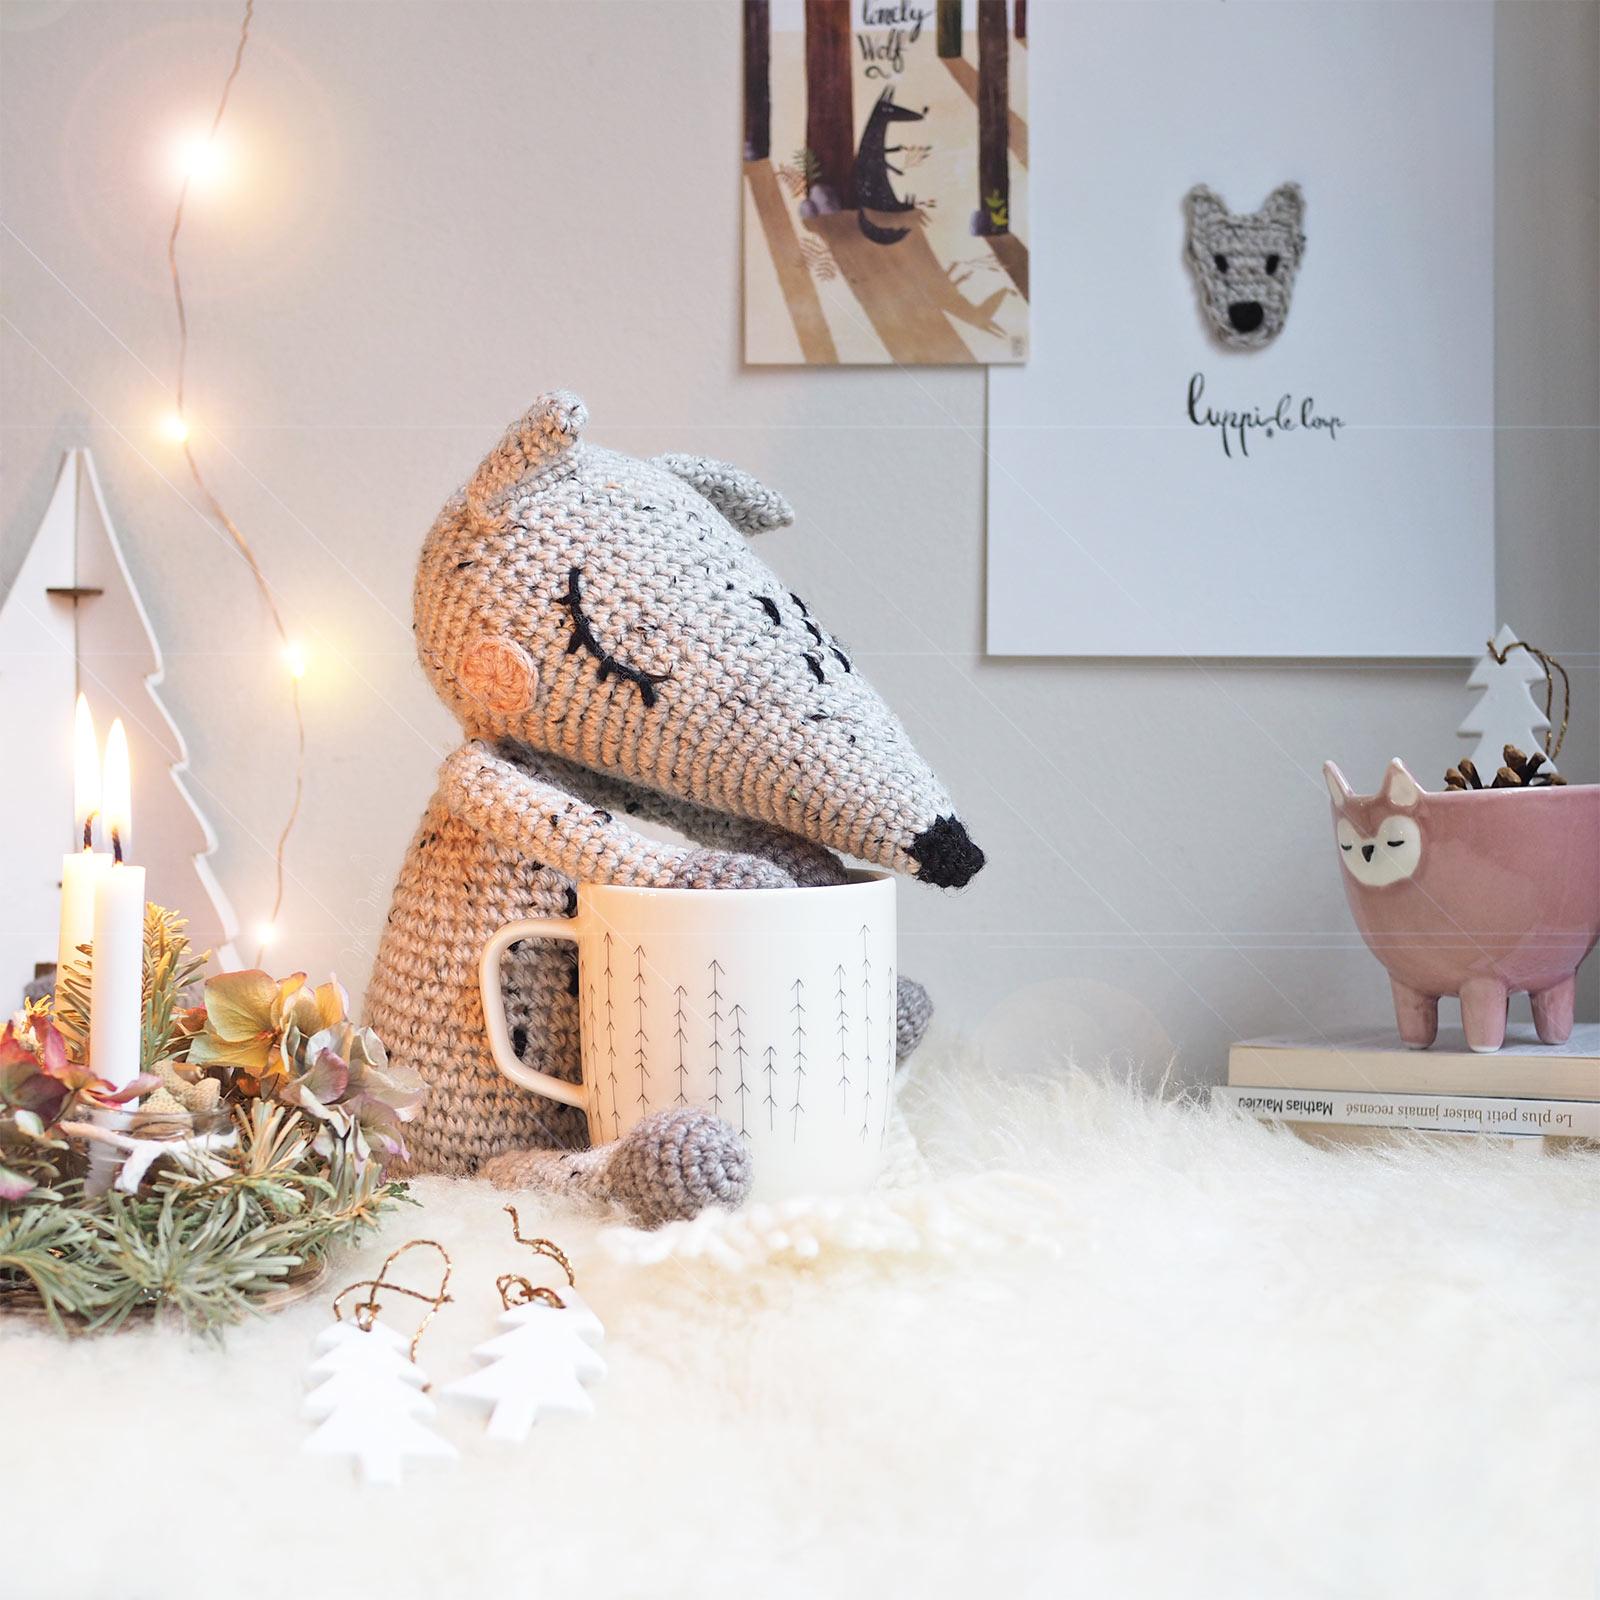 luppi loup rêveur Bloomingville Iitalla forest mignonnerie lot crochet illustration porcelaine idée cadeau laboutiquedemelimelo